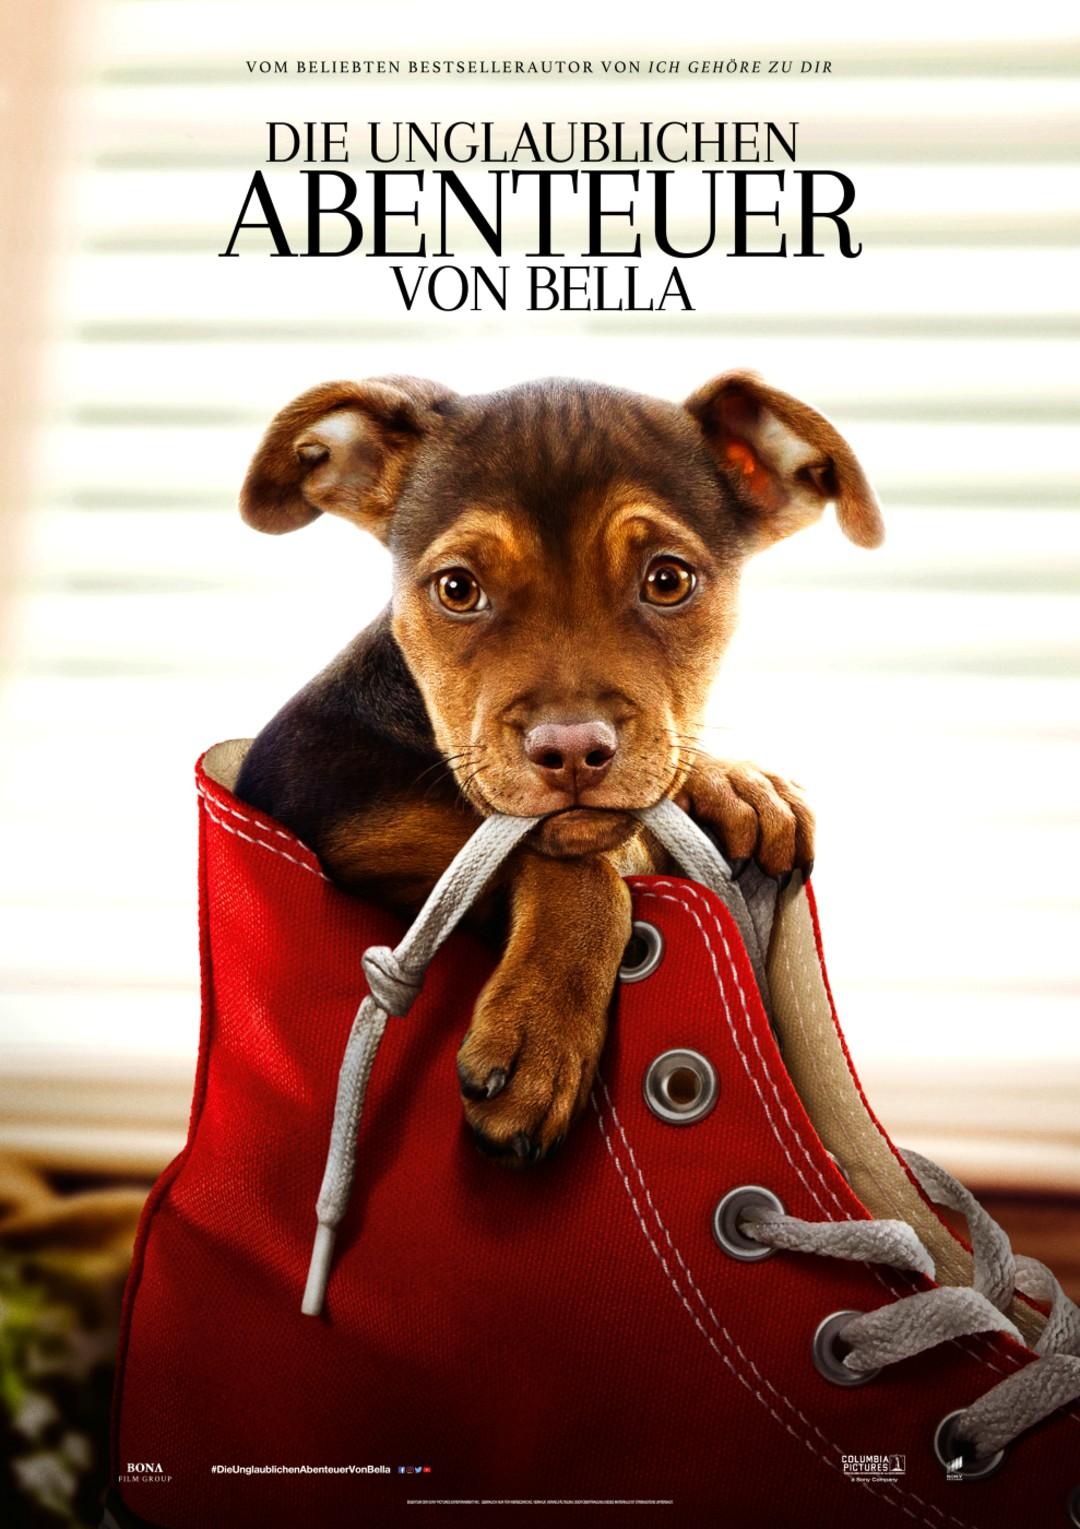 Die Unglaublichen Abenteuer Von Bella Trailer - Bild 1 von 4